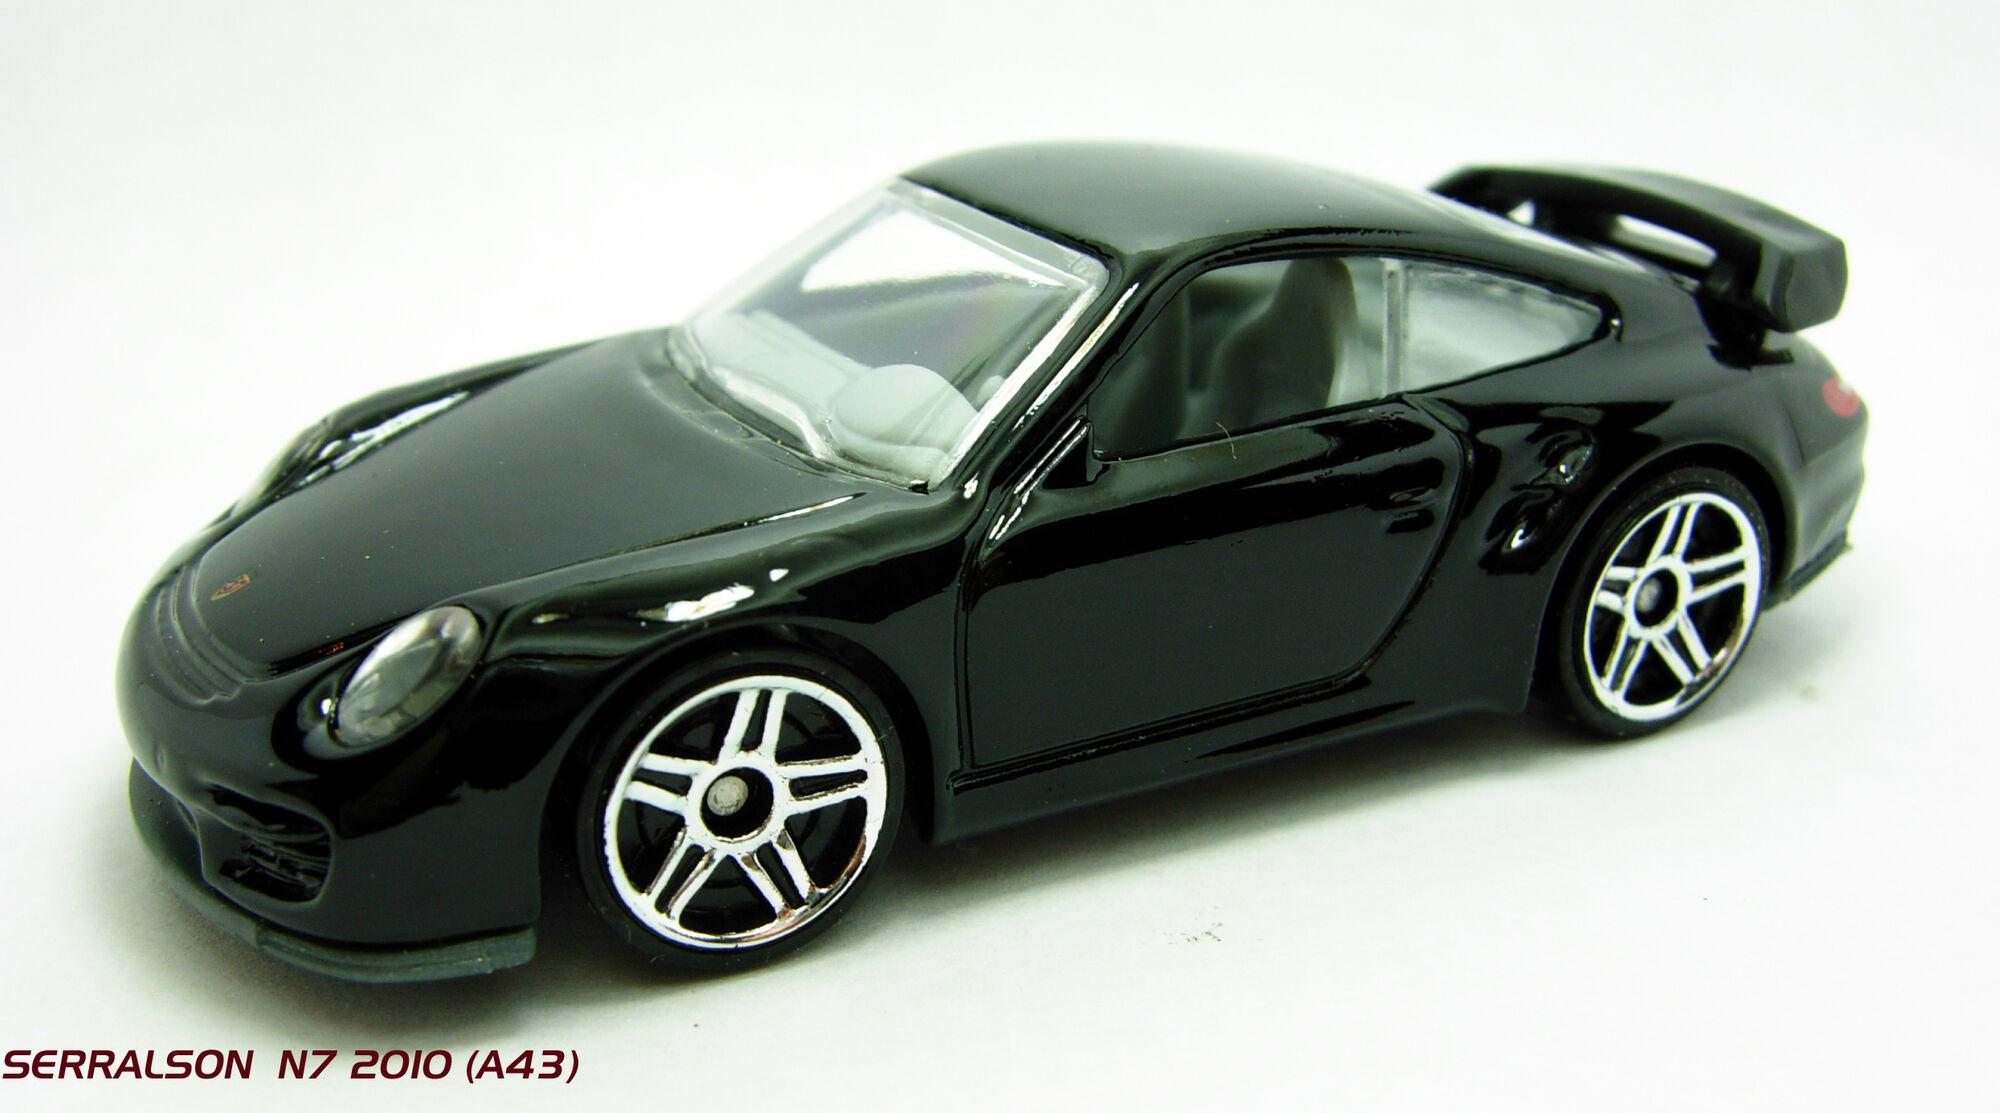 2000?cb=20101104171314 Outstanding Porsche 911 Gt2 Hot Wheels Cars Trend